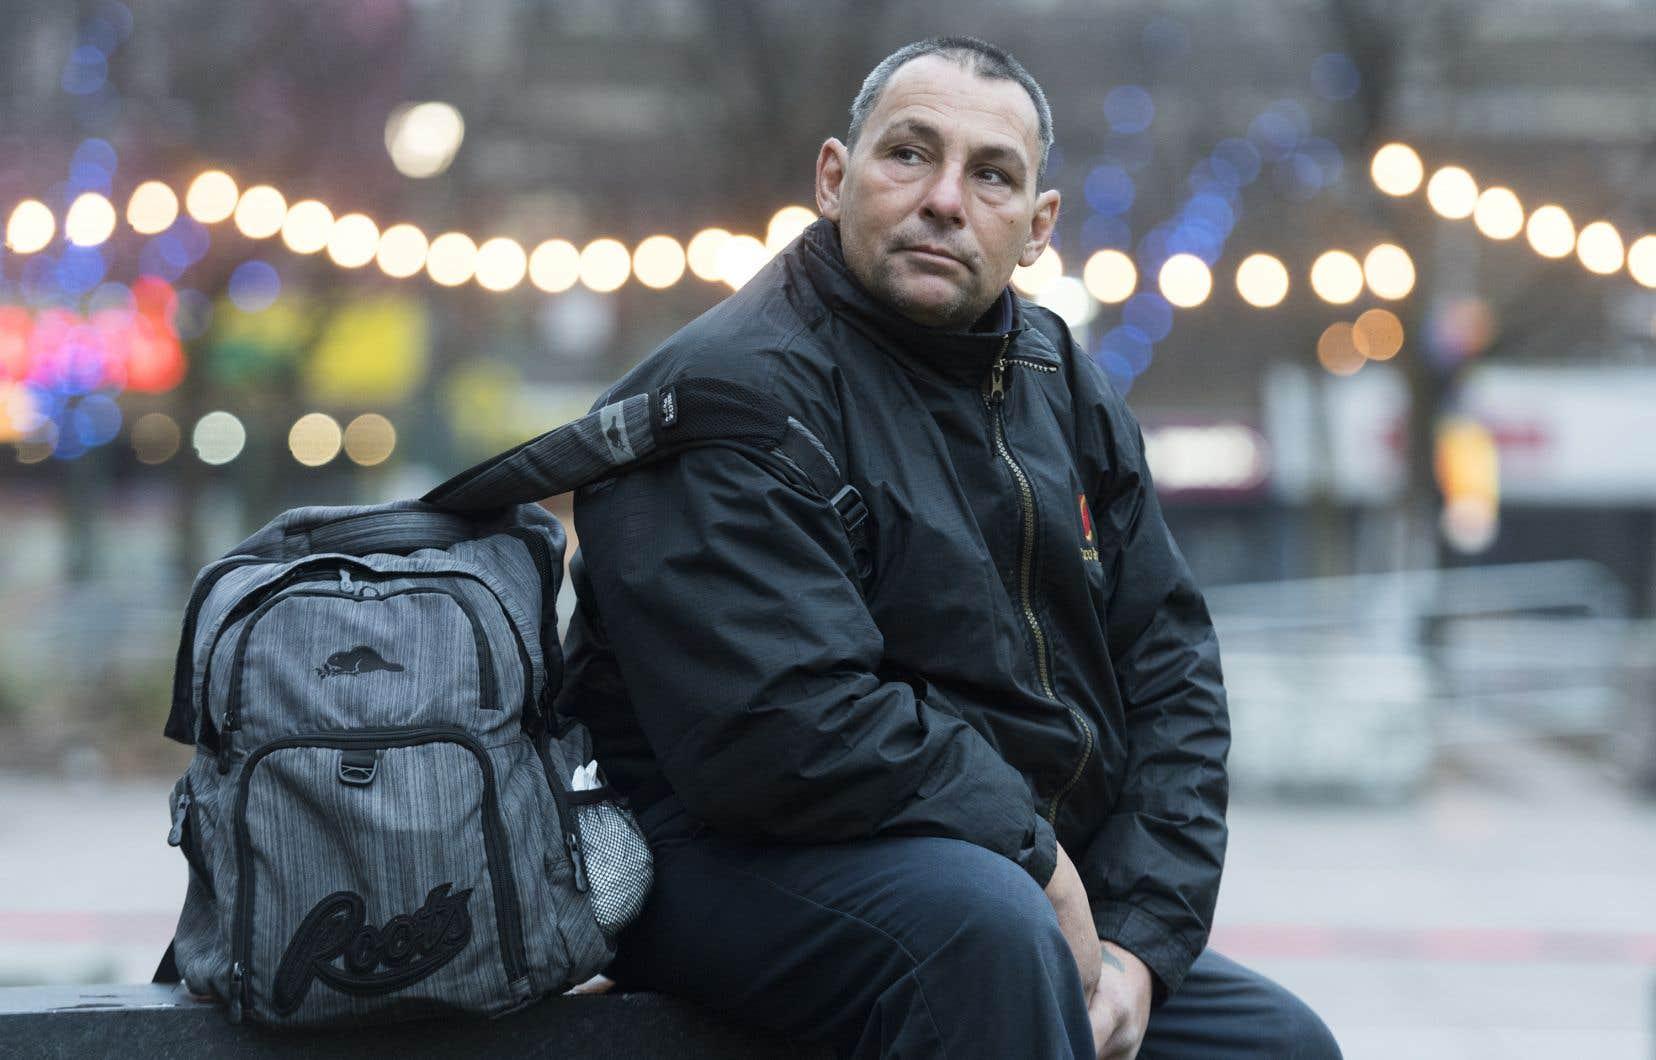 La semaine dernière, Sylvain Di Lallo séjournait à l'hôtel depuis plusieurs jours avec sa petite amie. Avant cela, il avait passé près de trois mois au campement.